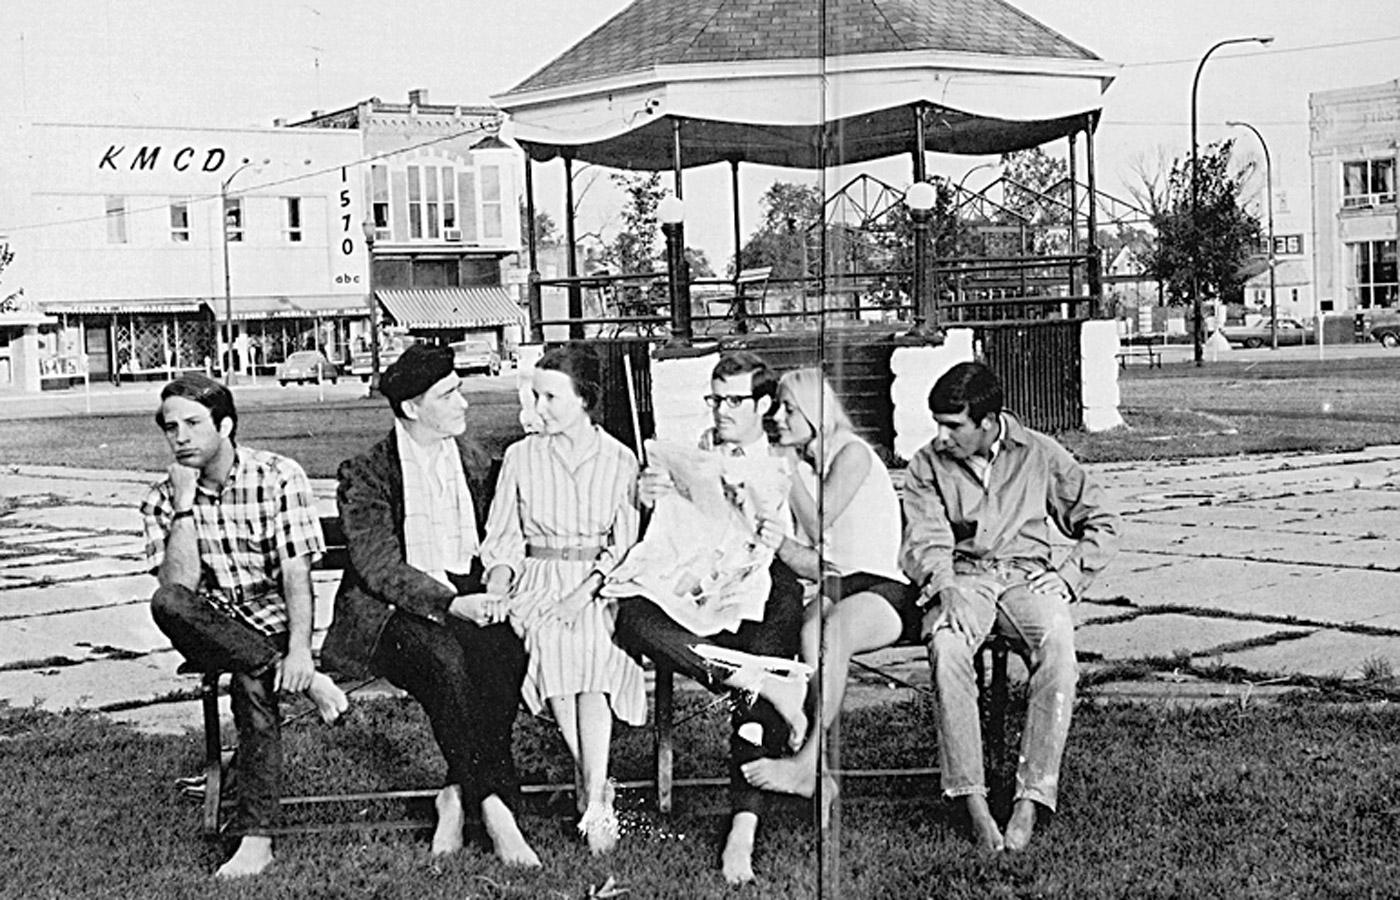 Parsons College Fairfield, Parsons College, fairfield square 1960s